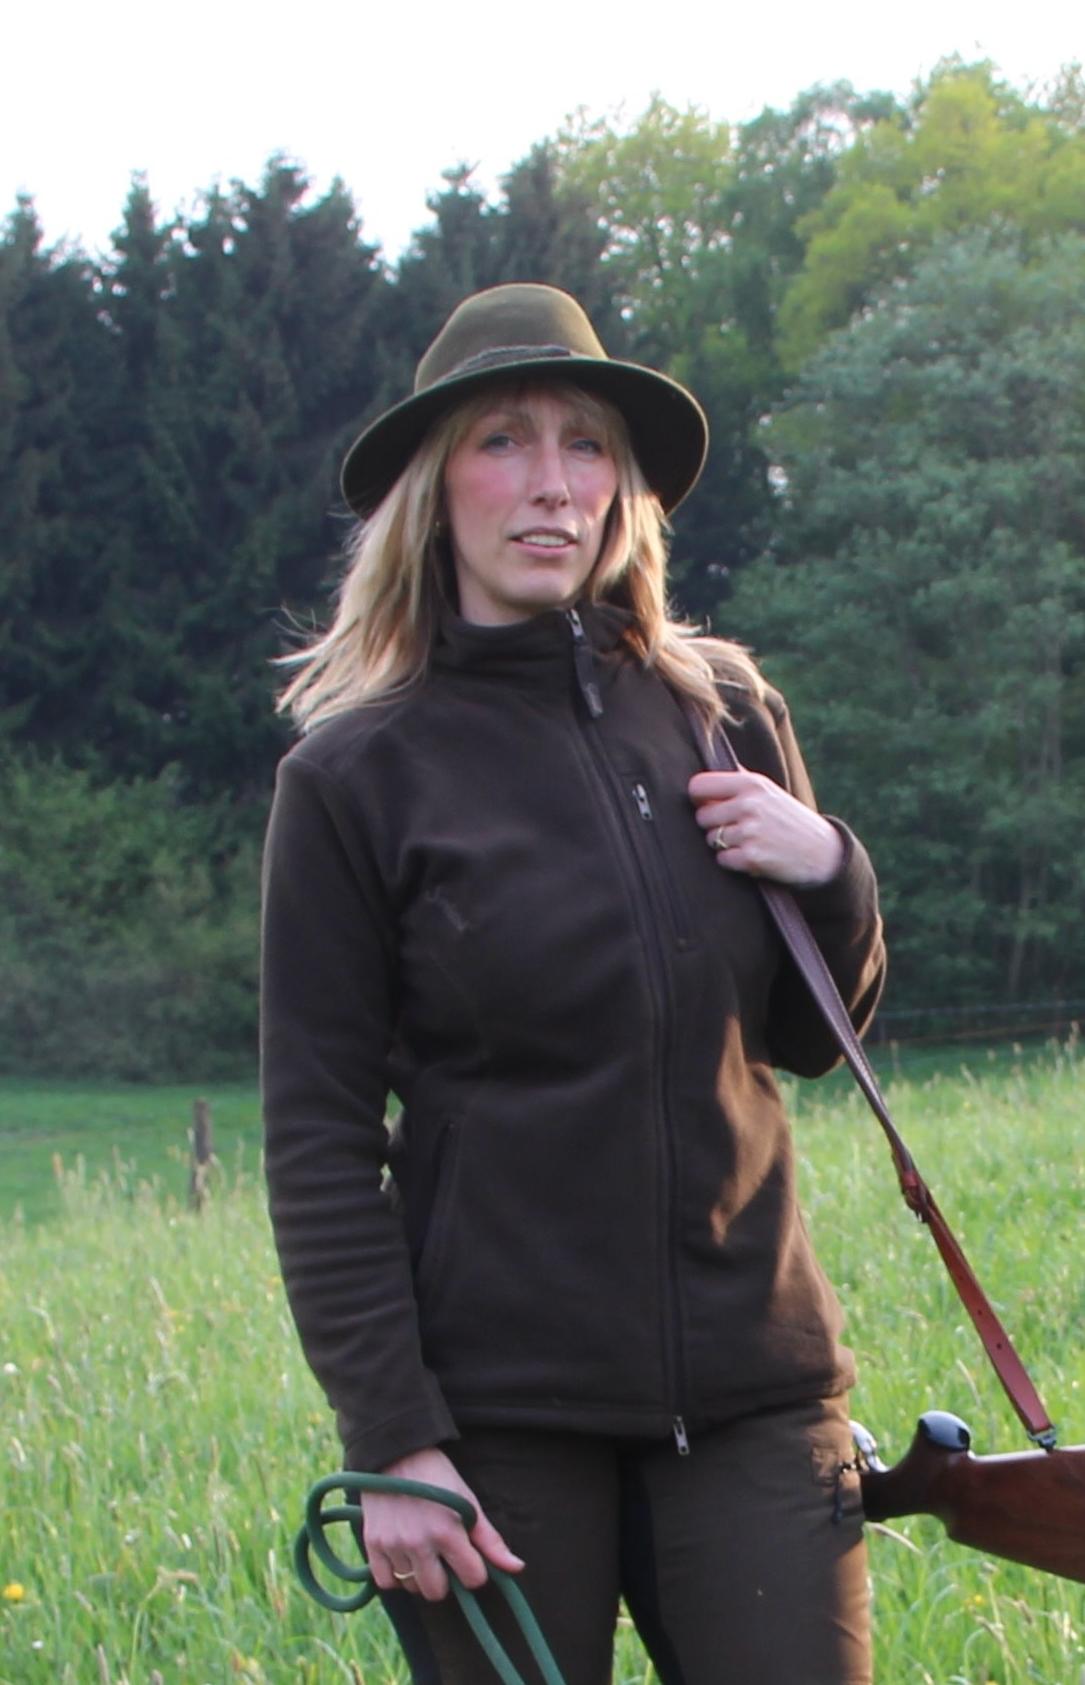 Wie Frauen jagen - warum ich als Jägerin nicht immer schieße! - Waidfrau-Blog